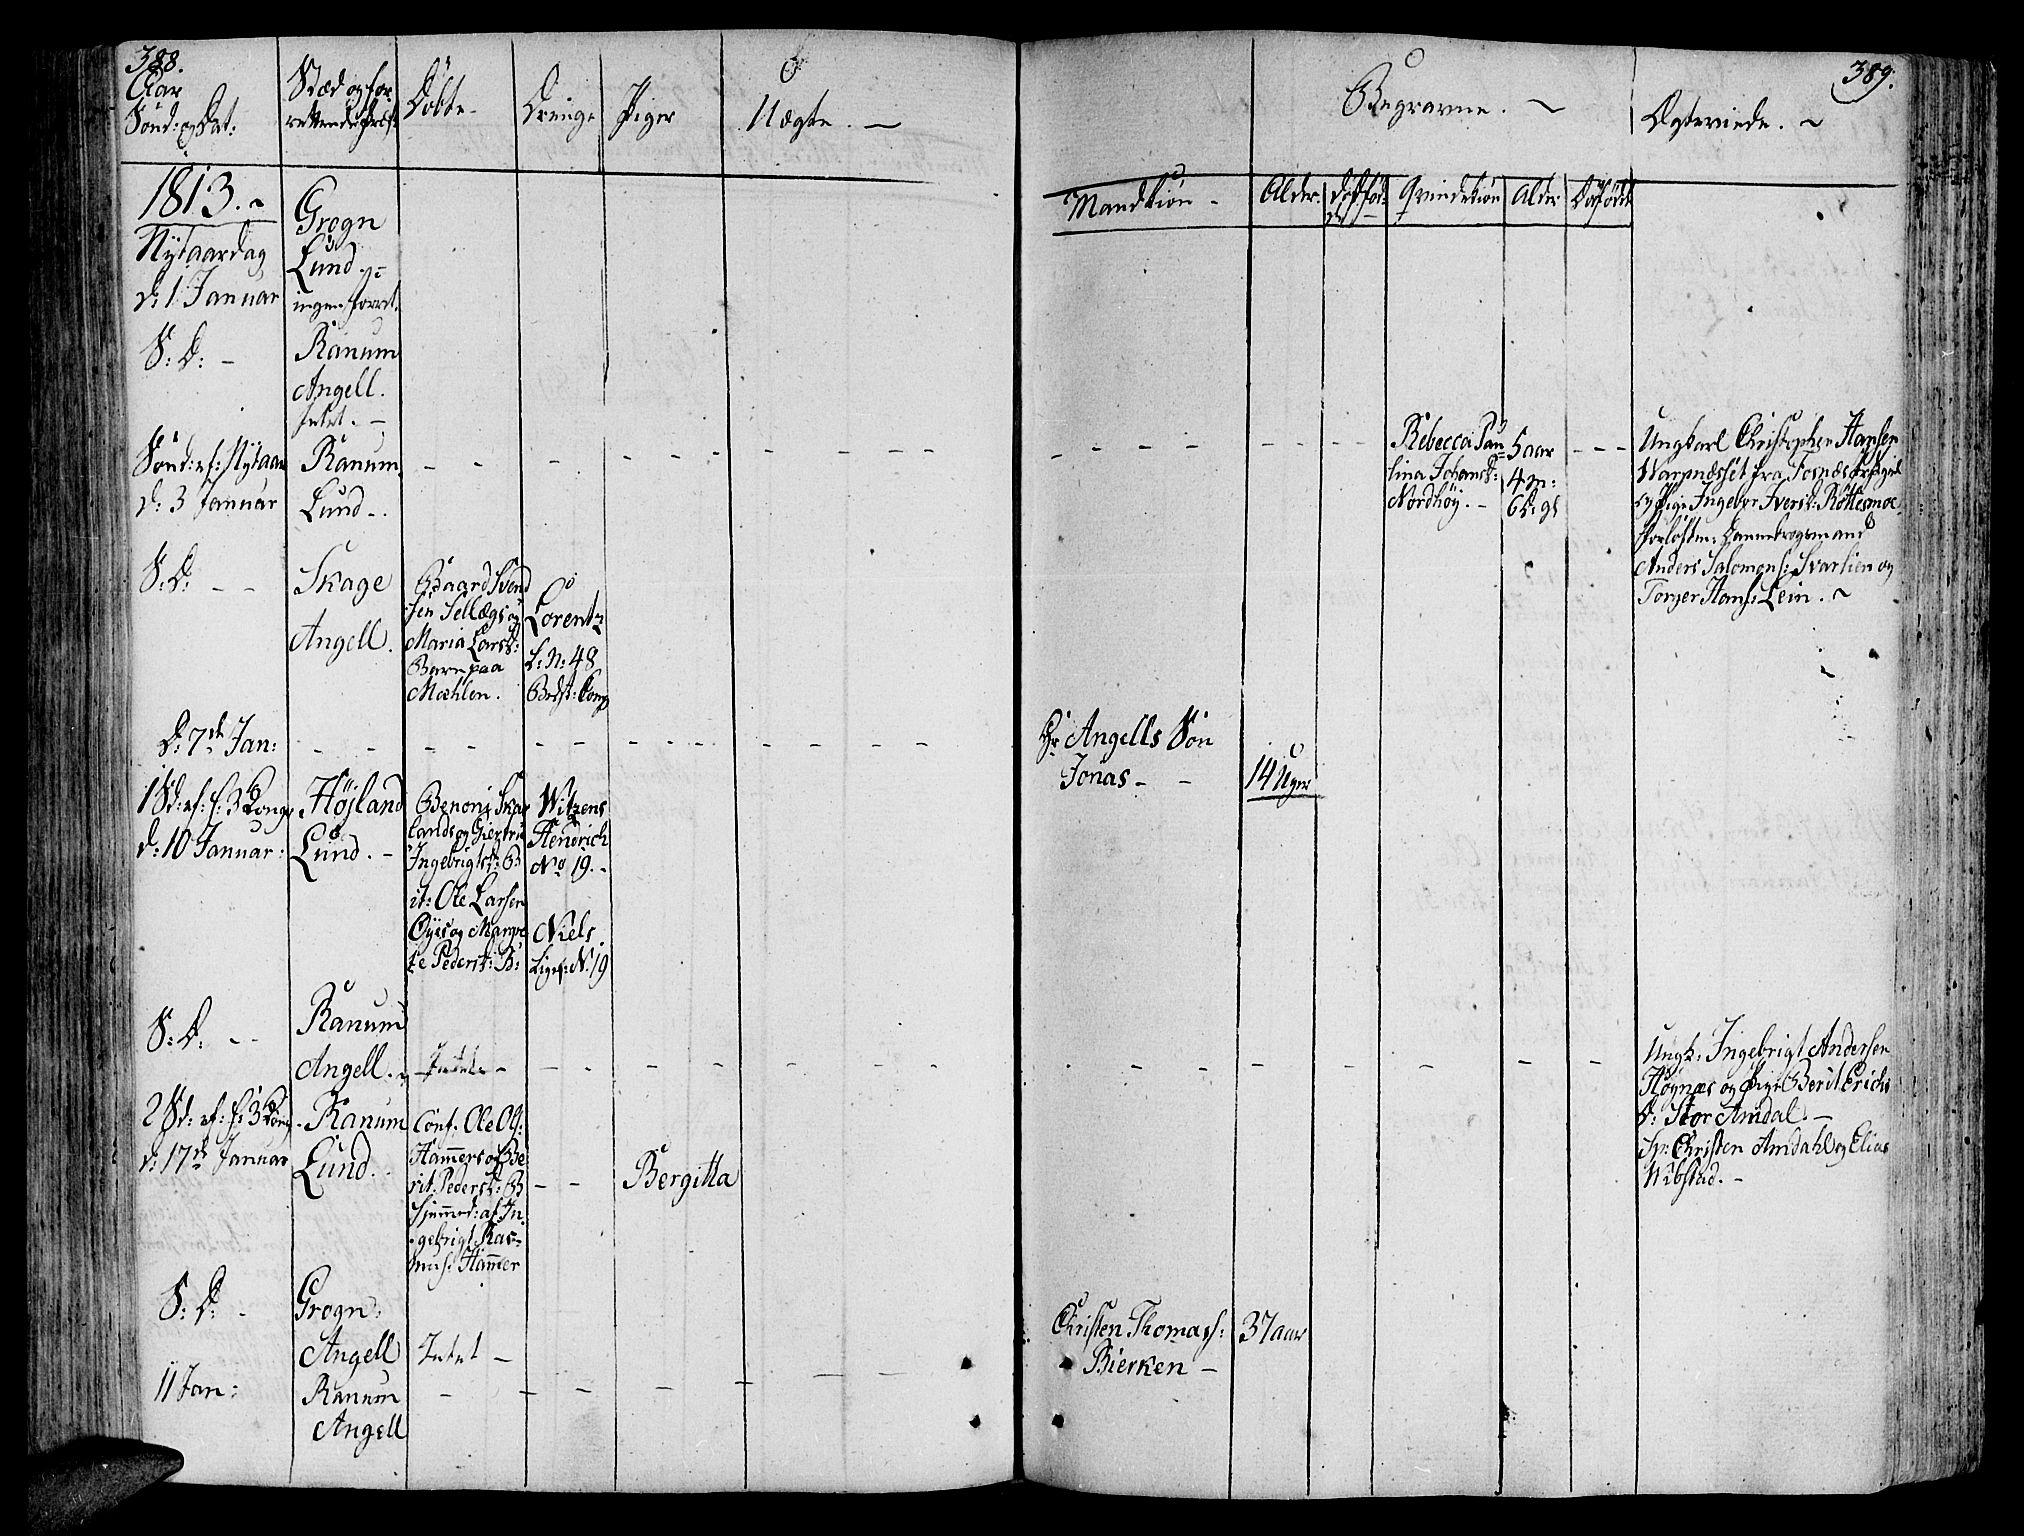 SAT, Ministerialprotokoller, klokkerbøker og fødselsregistre - Nord-Trøndelag, 764/L0545: Ministerialbok nr. 764A05, 1799-1816, s. 388-389